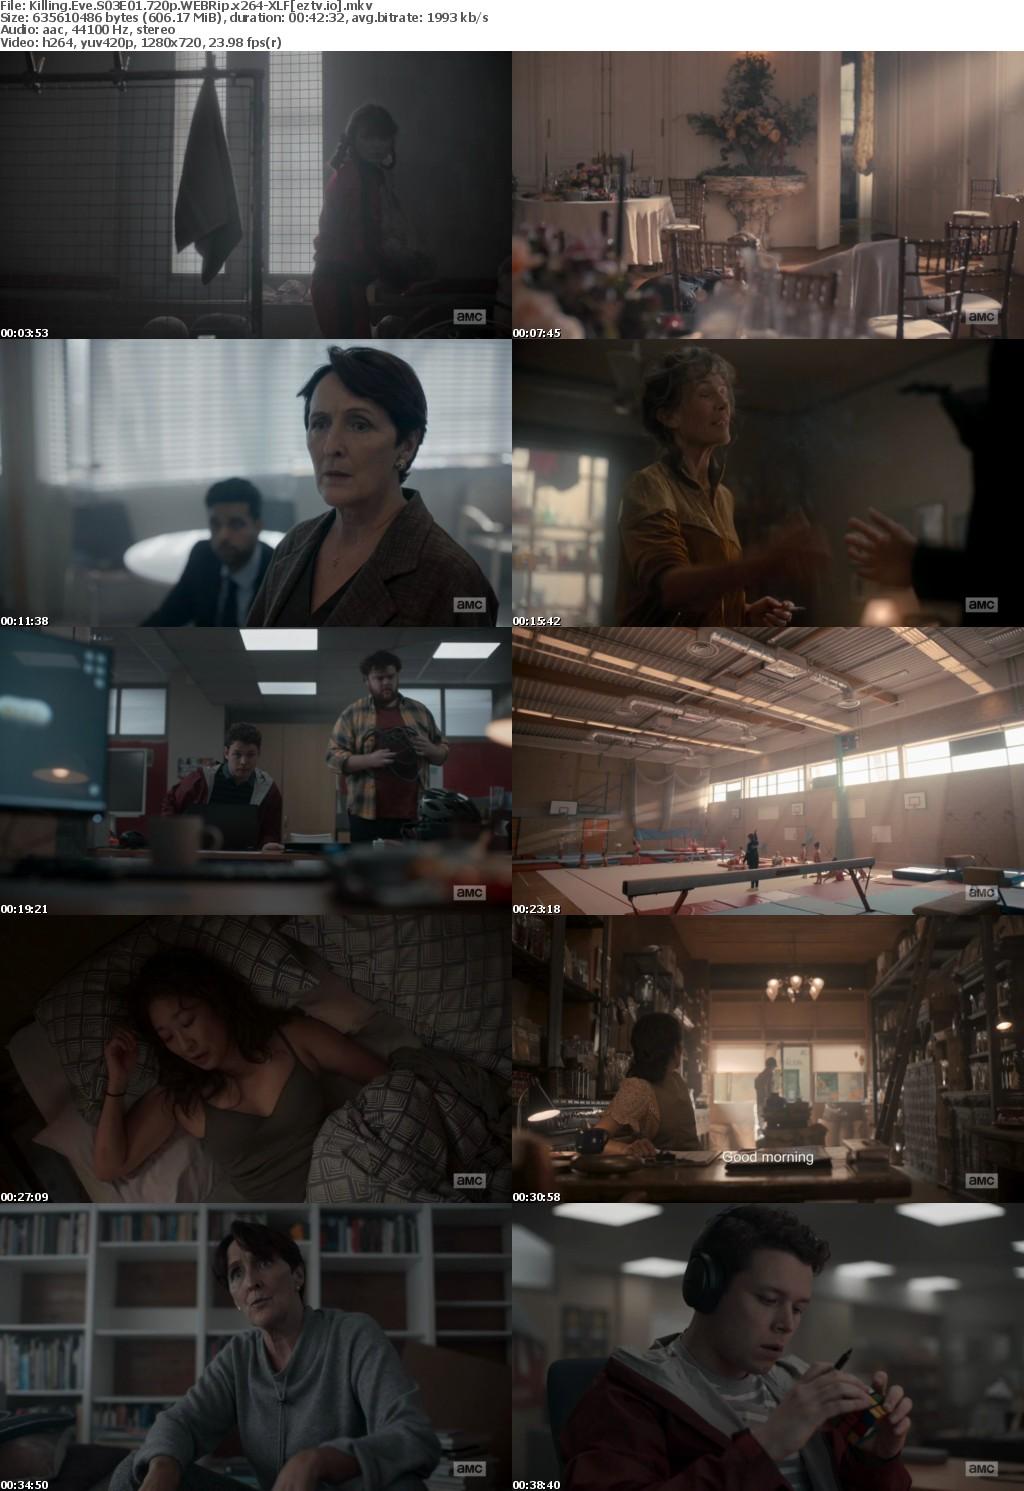 Killing Eve S03E01 720p WEBRip x264-XLF